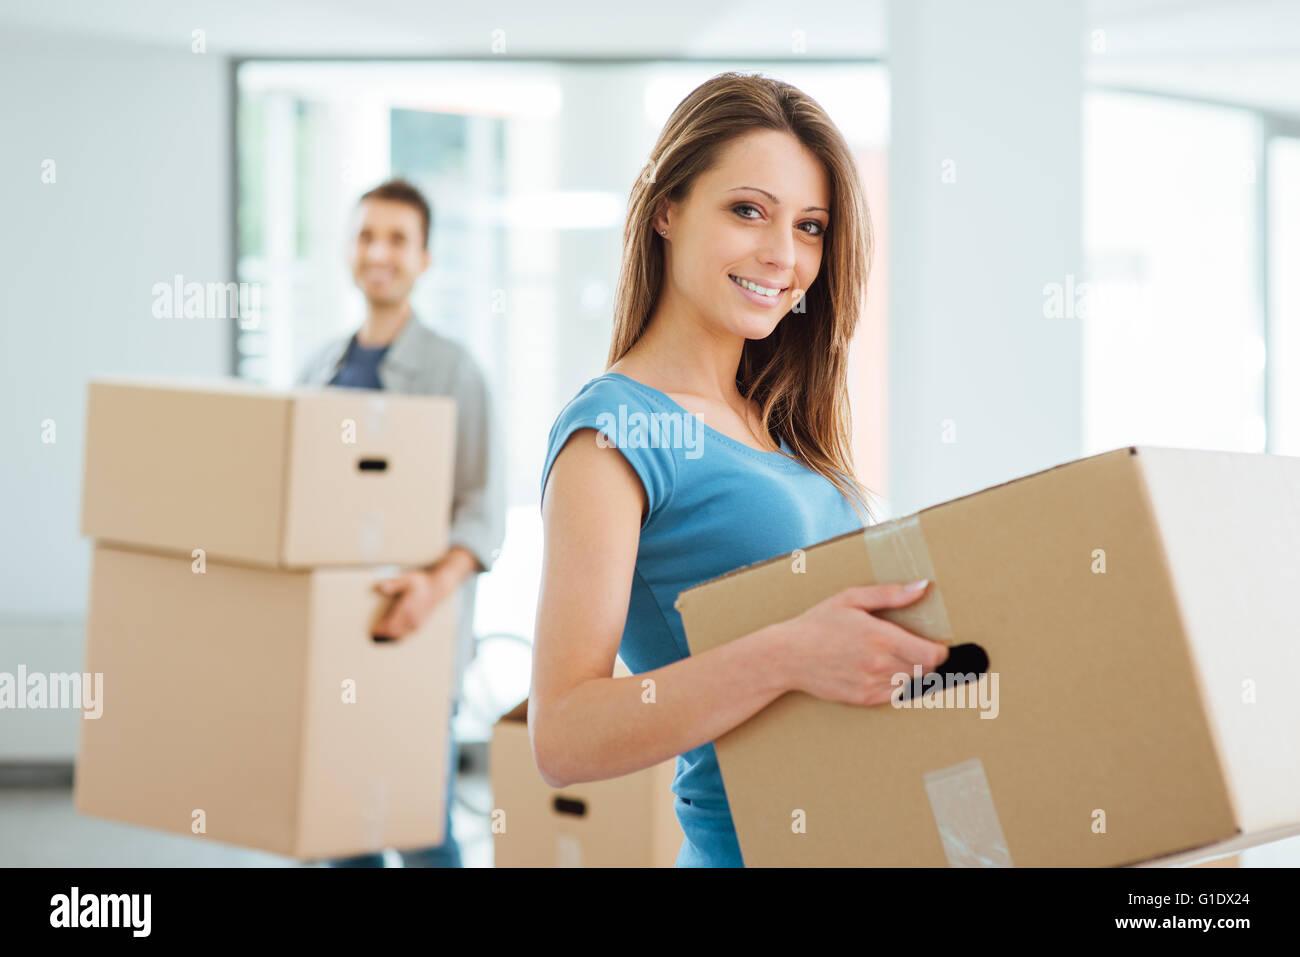 Feliz pareja sonriente moviéndose en una nueva casa y llevar cajas de cartón, reubicación y renovación Imagen De Stock